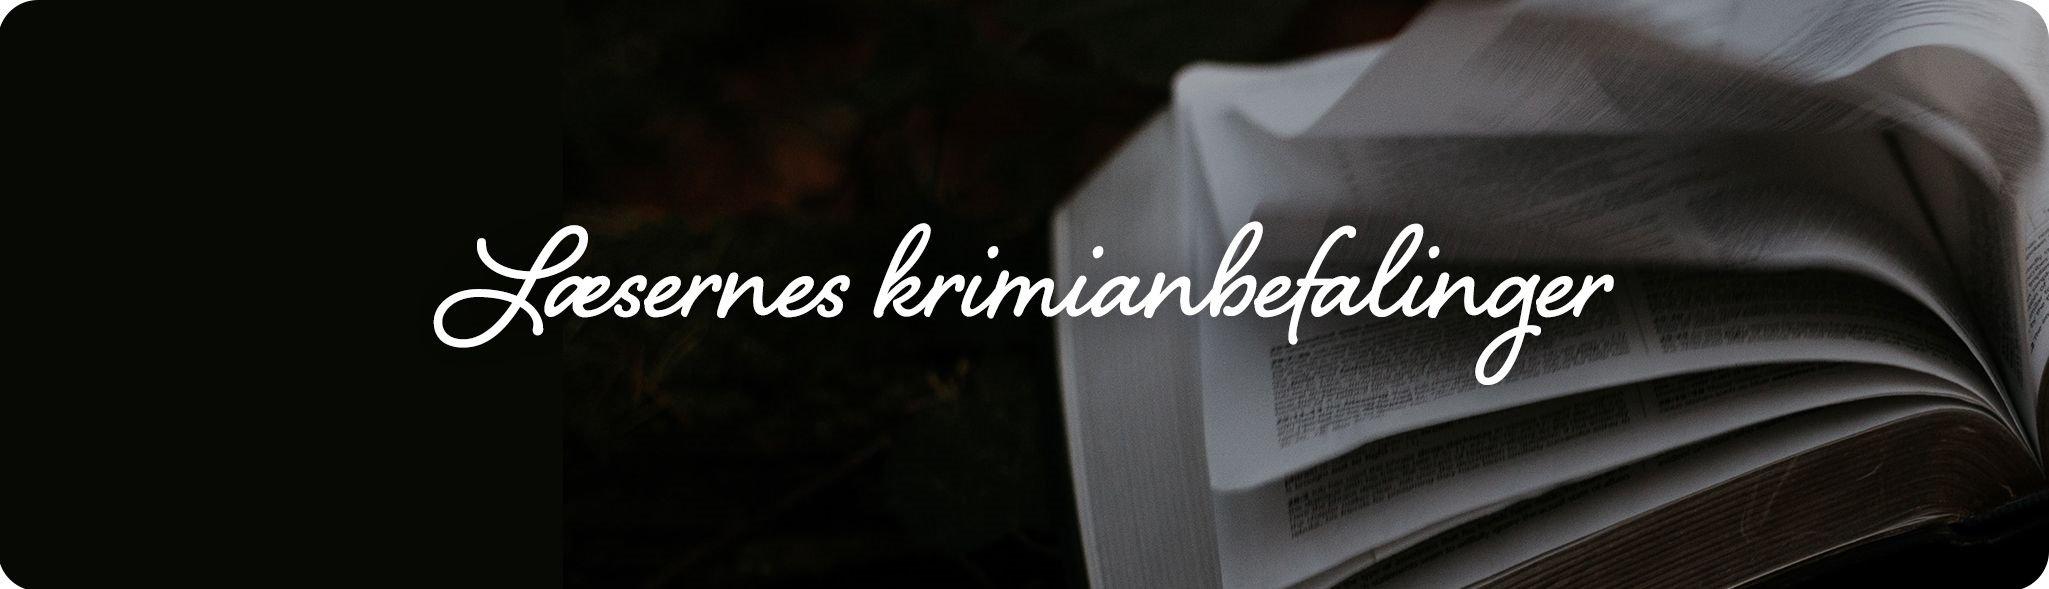 Læsernes krimianbefalinger